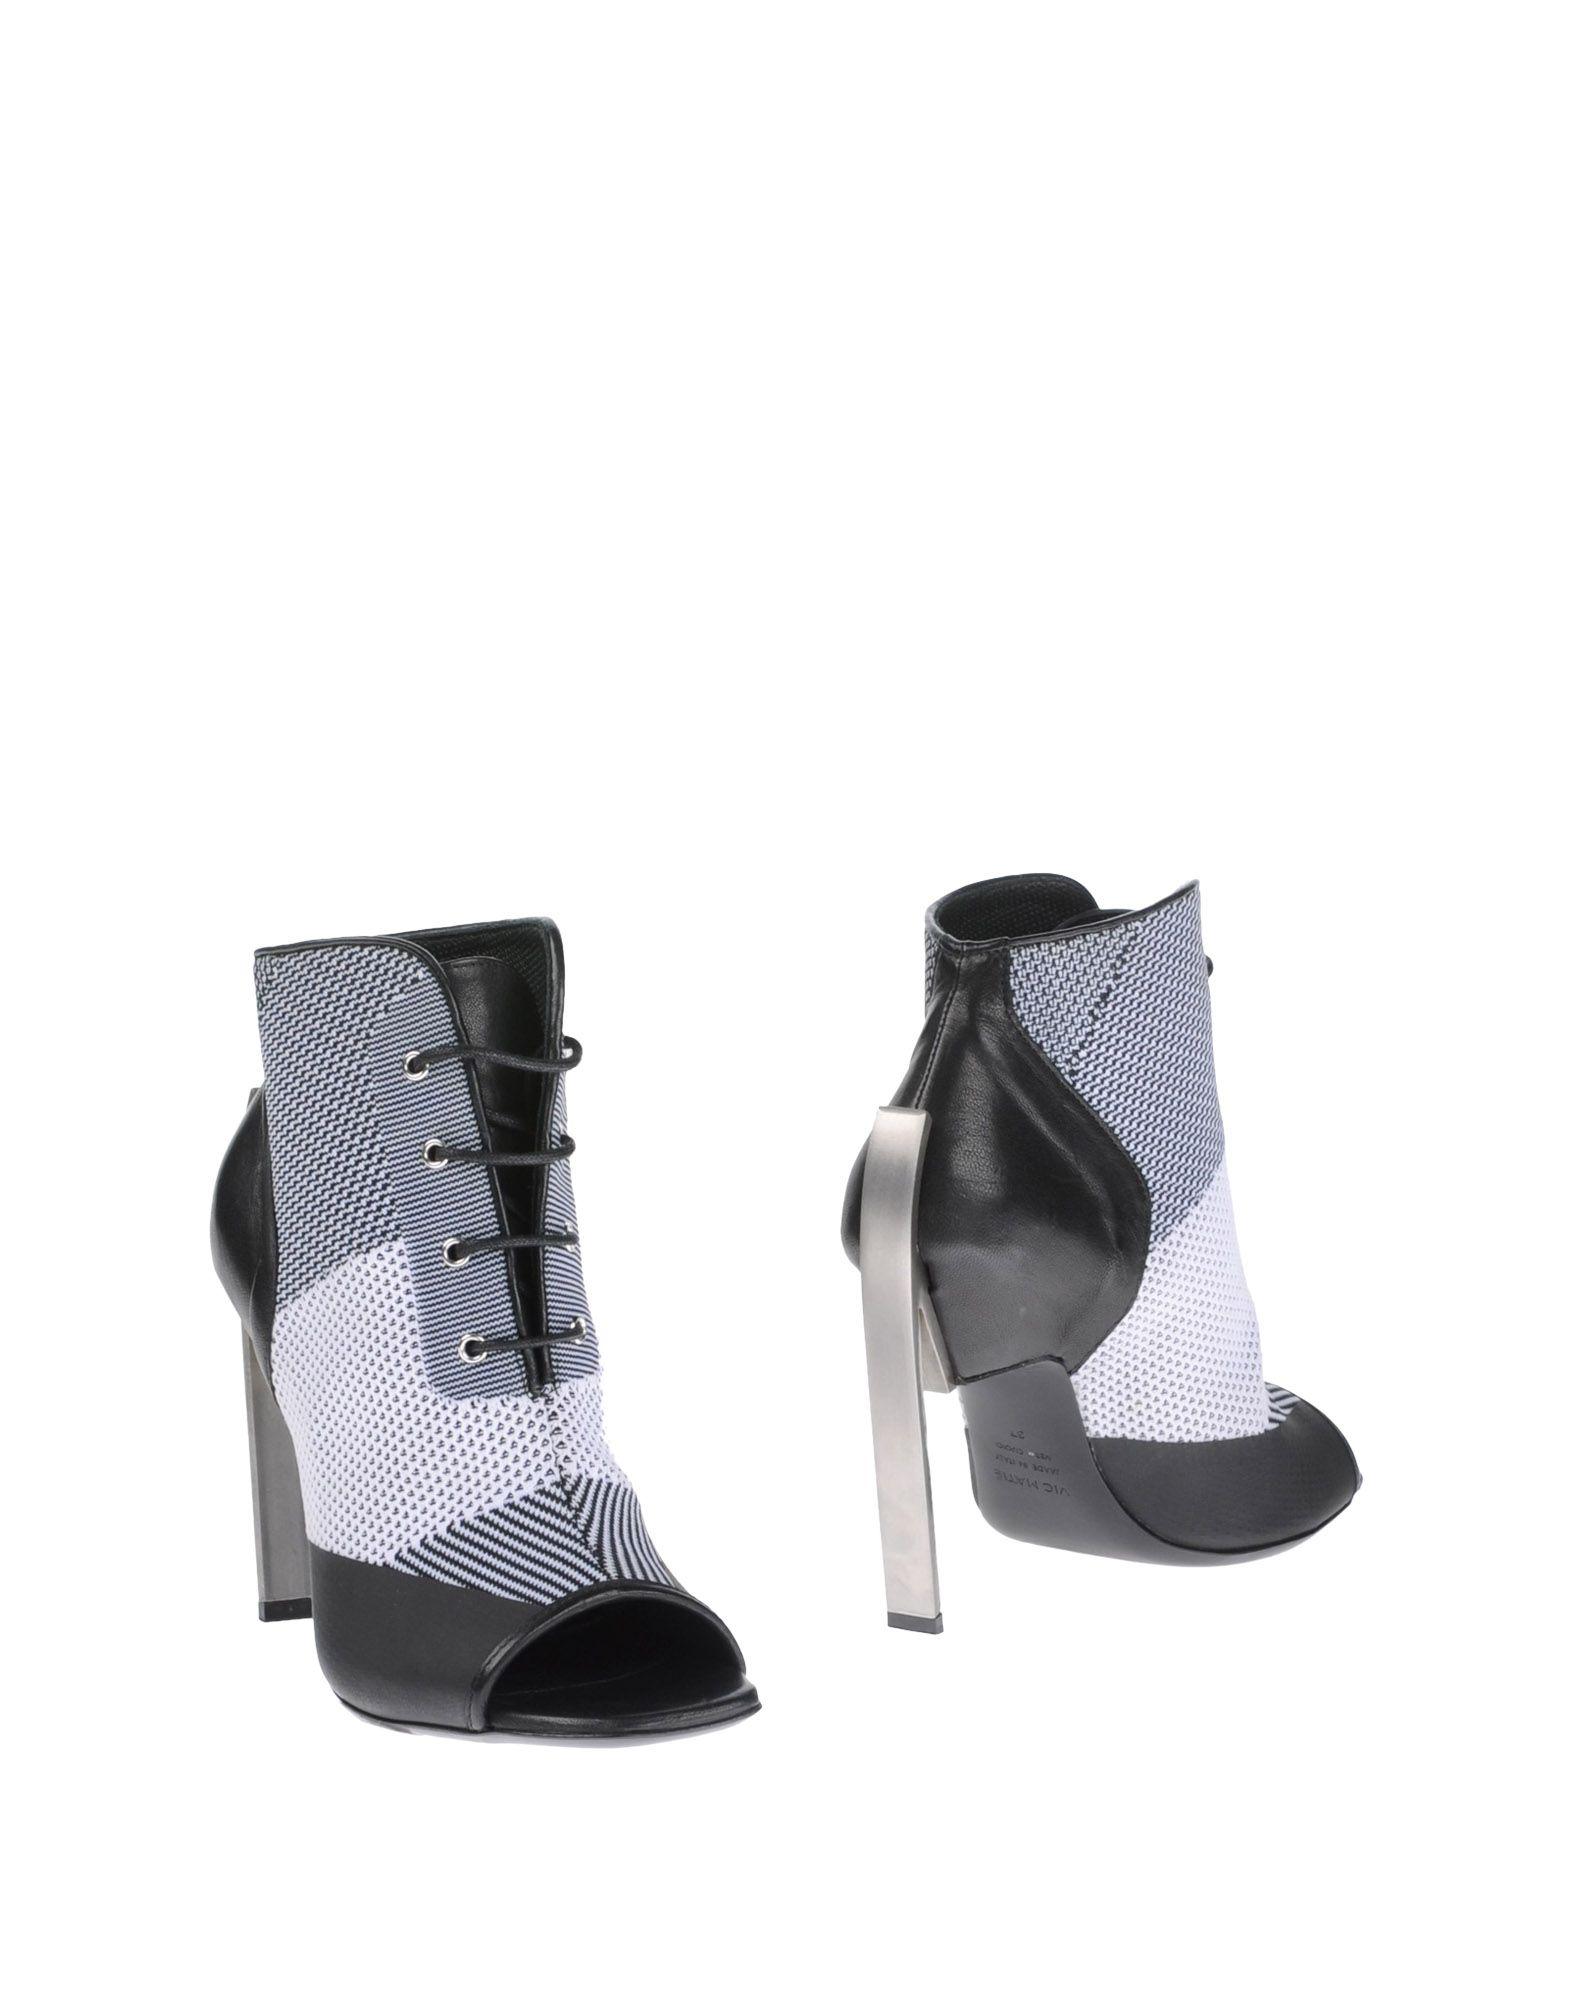 Vic Matiē Stiefelette Damen  11160975SGGut aussehende strapazierfähige Schuhe